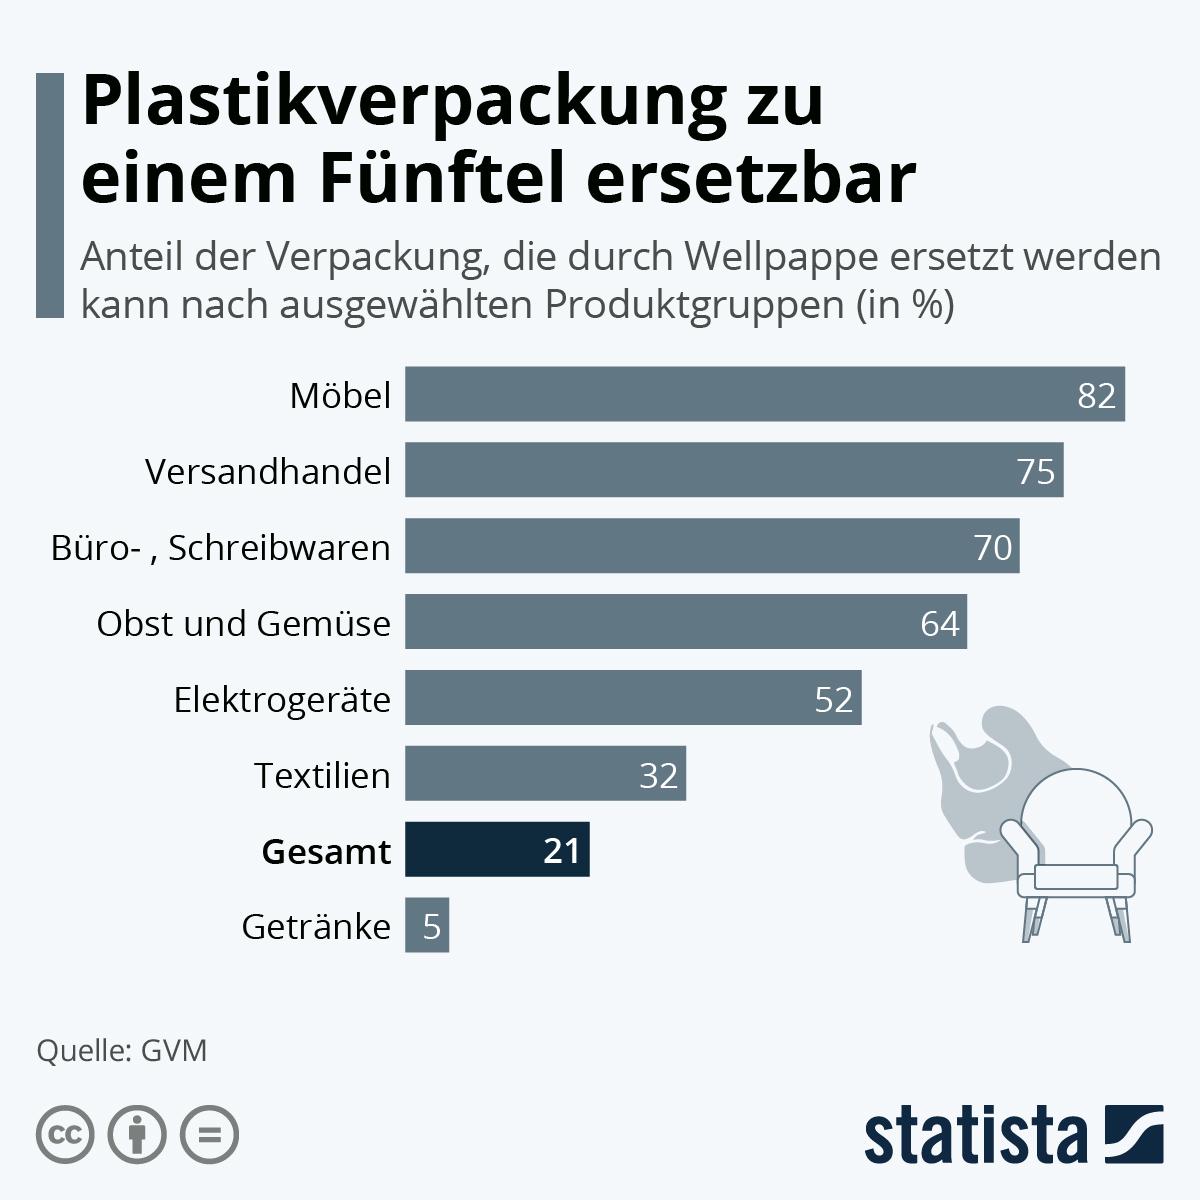 Infografik: Plastikverpackung zu einem Fünftel ersetzbar | Statista